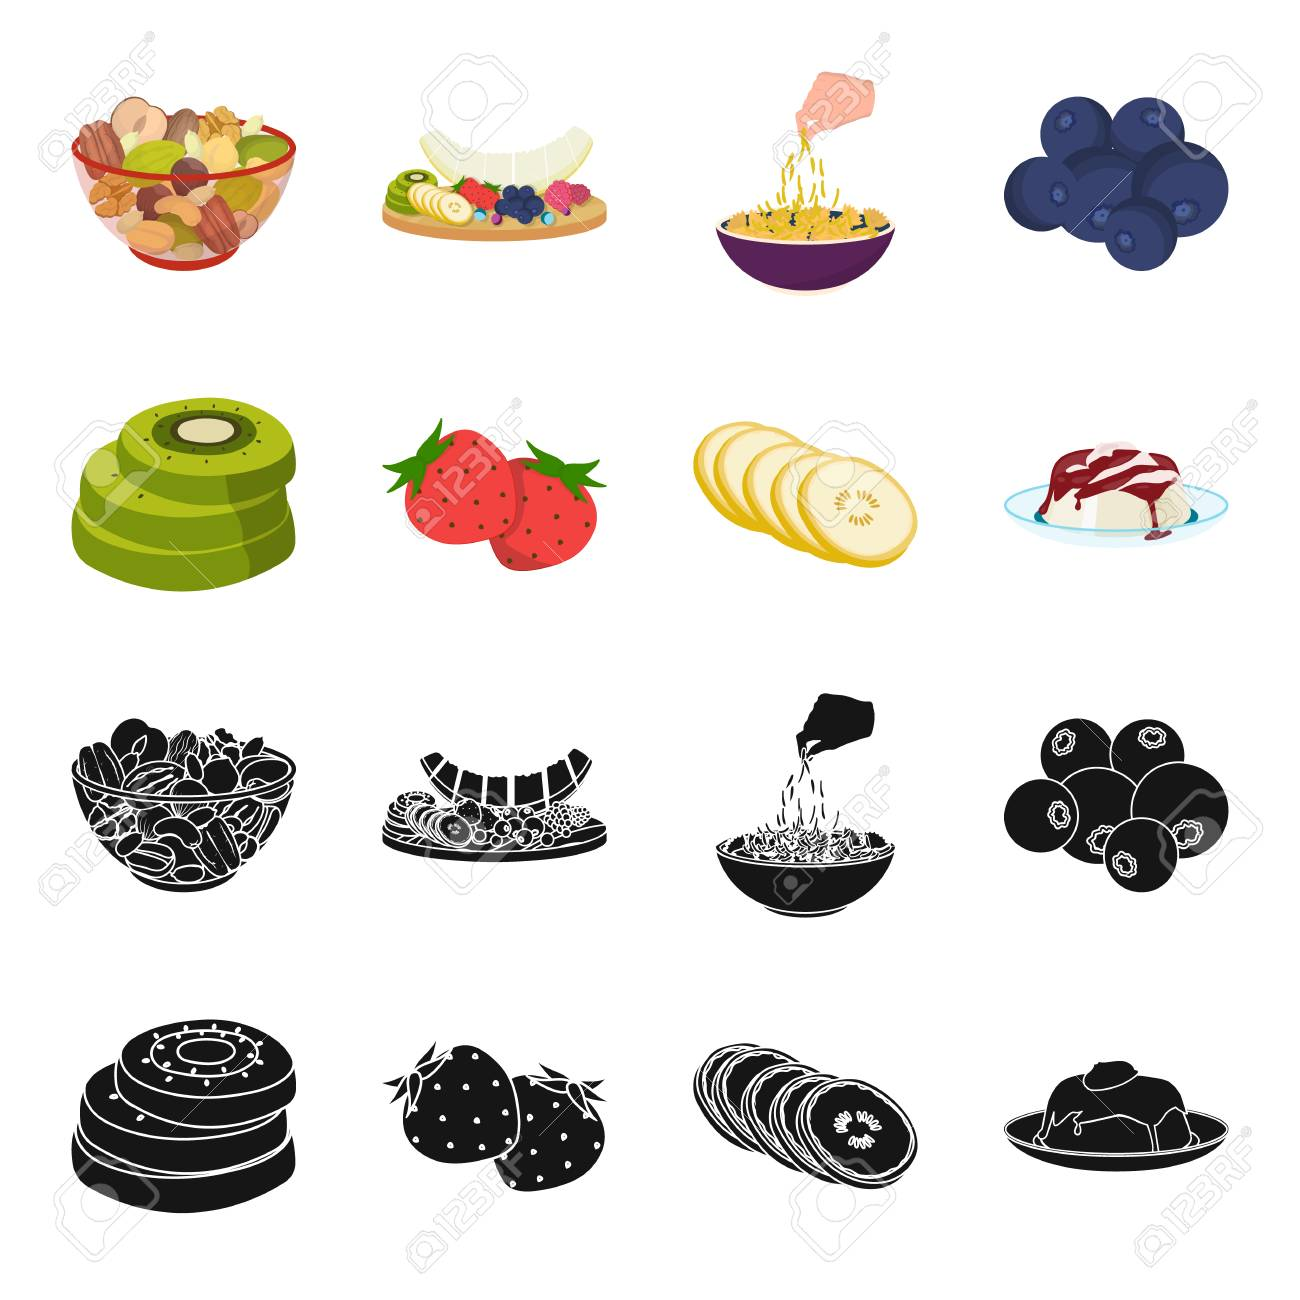 Fruits Et Autres Aliments Jeu De Nourriture Icônes Collection Dans Le Style De Dessin Animé De Vecteur De Pixel Illustration De Stock